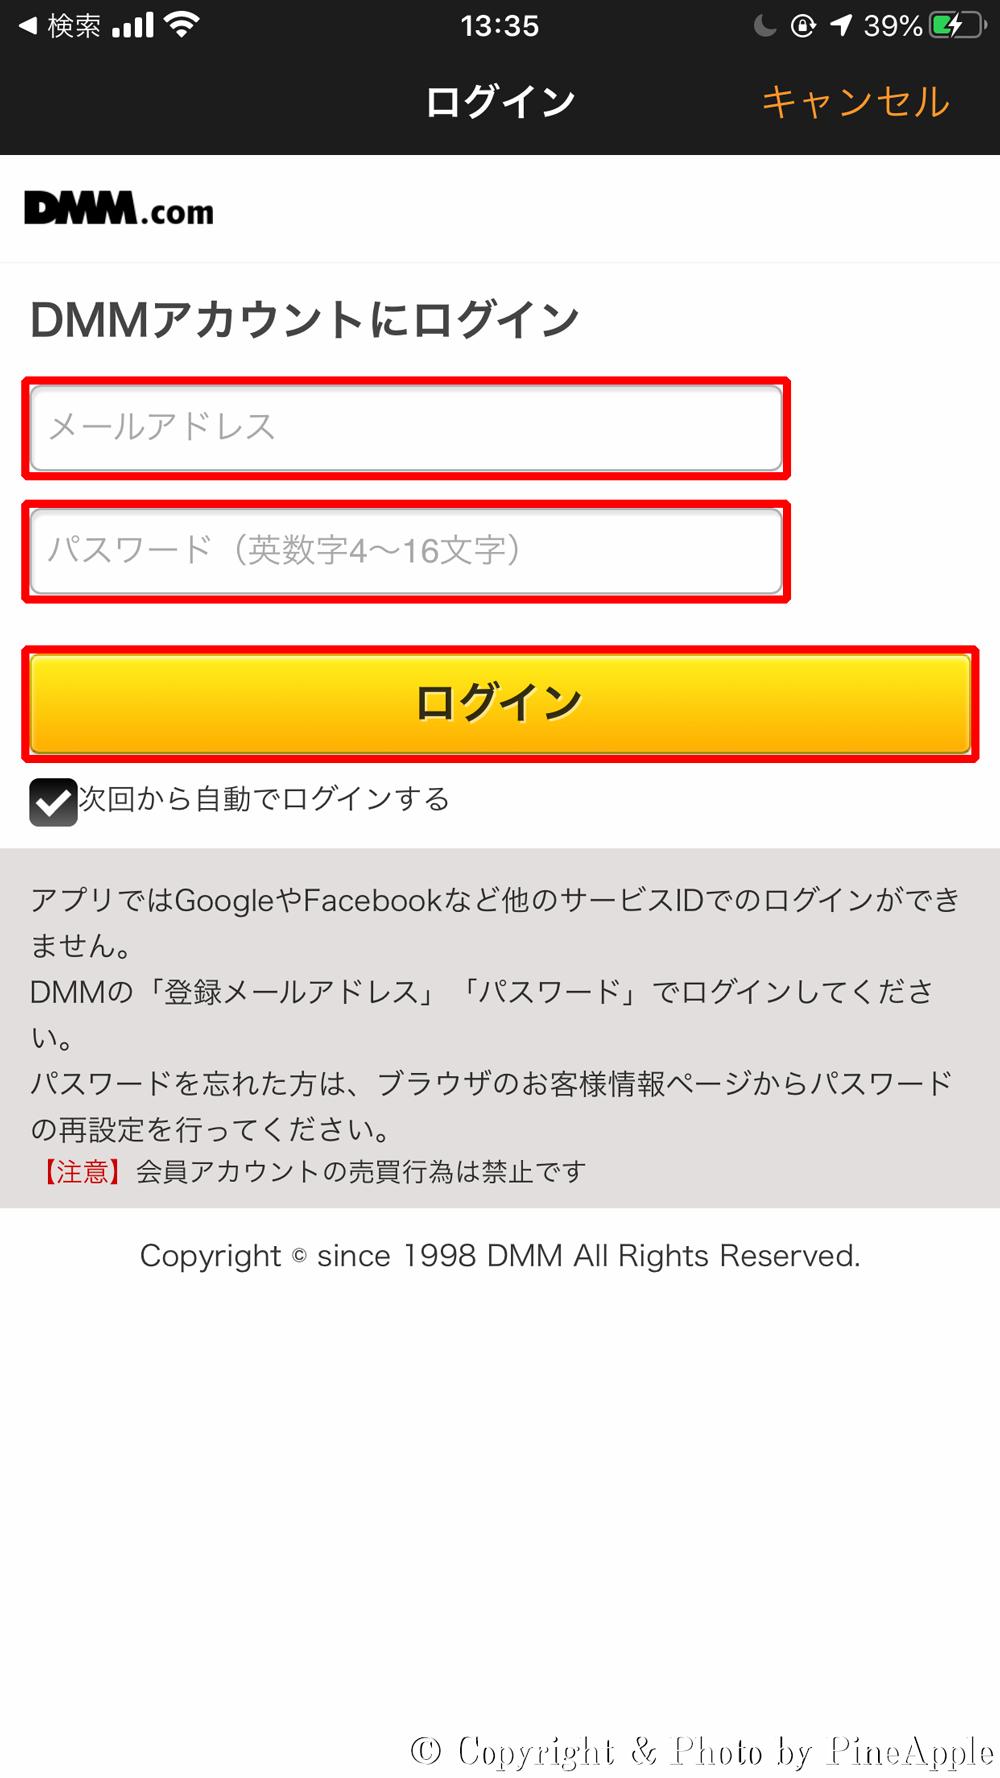 DMM ブックス:表示された「DMM アカウントにログイン」画面で、登録済みの「DMM アカウント」の「メールアドレス」と「パスワード(英数字 4 〜 16 文字)」を入力し、ログインをタップ